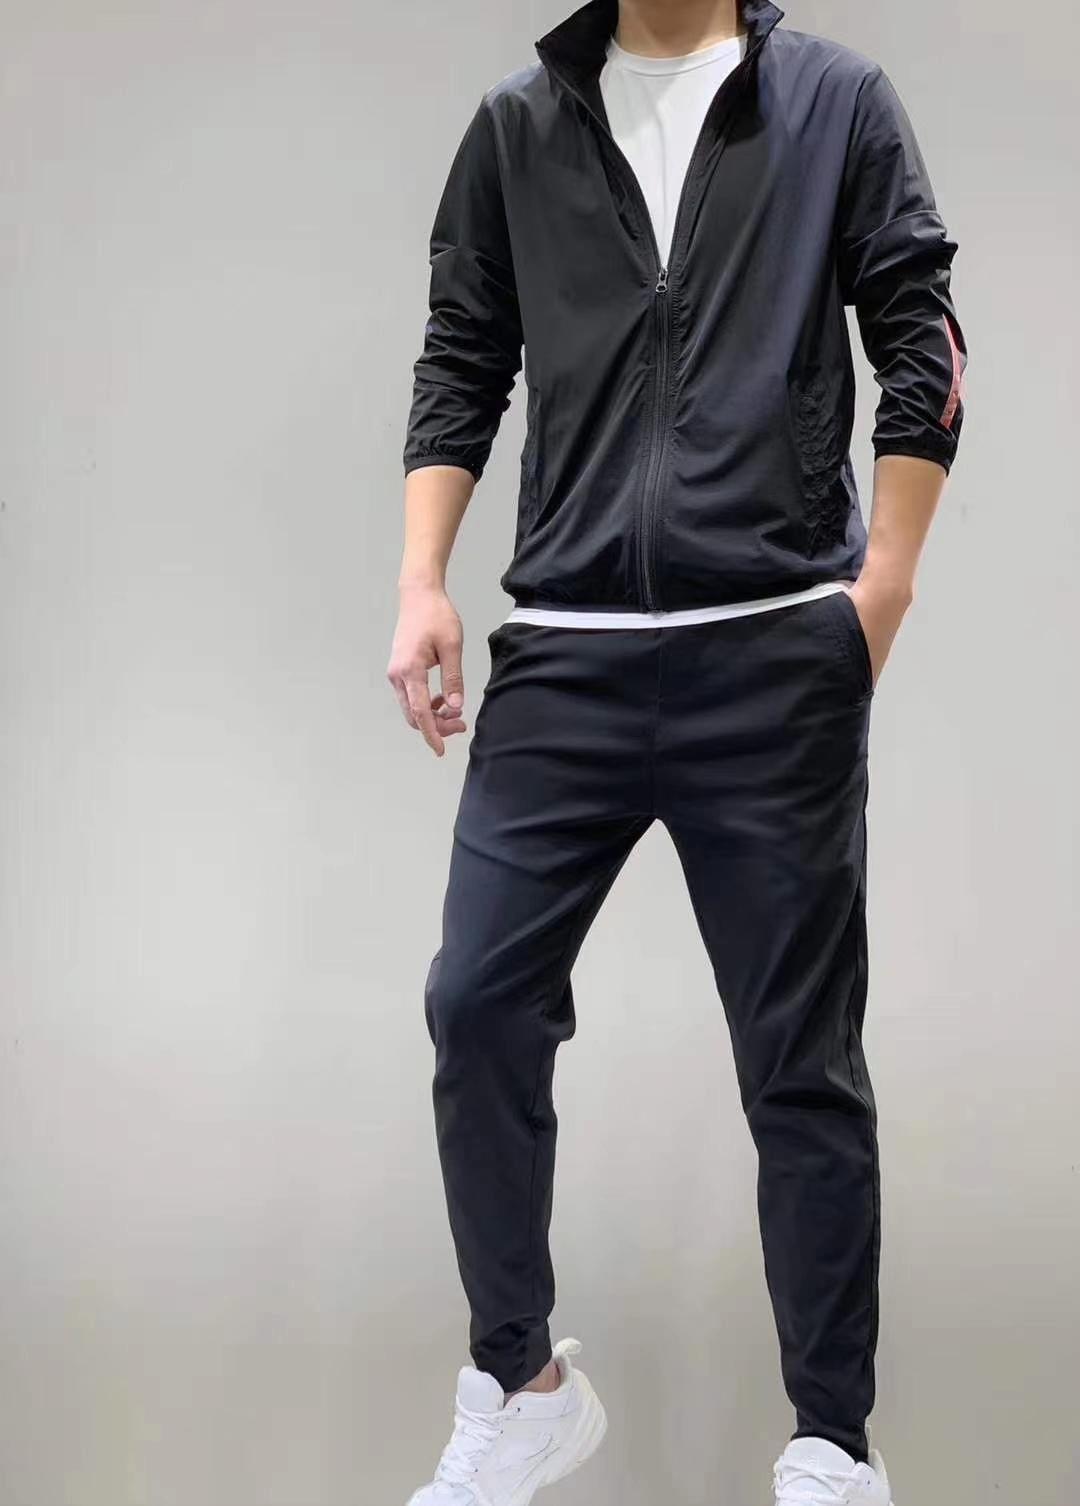 Avrupa ve Amerikan Yeni 2021 Erkek Kapşonlu Ince Rahat Klasik Elastik Kumaş İnce Konforlu İşçilik Güzel Güneş Kremi Rüzgar Geçirmez Ceket